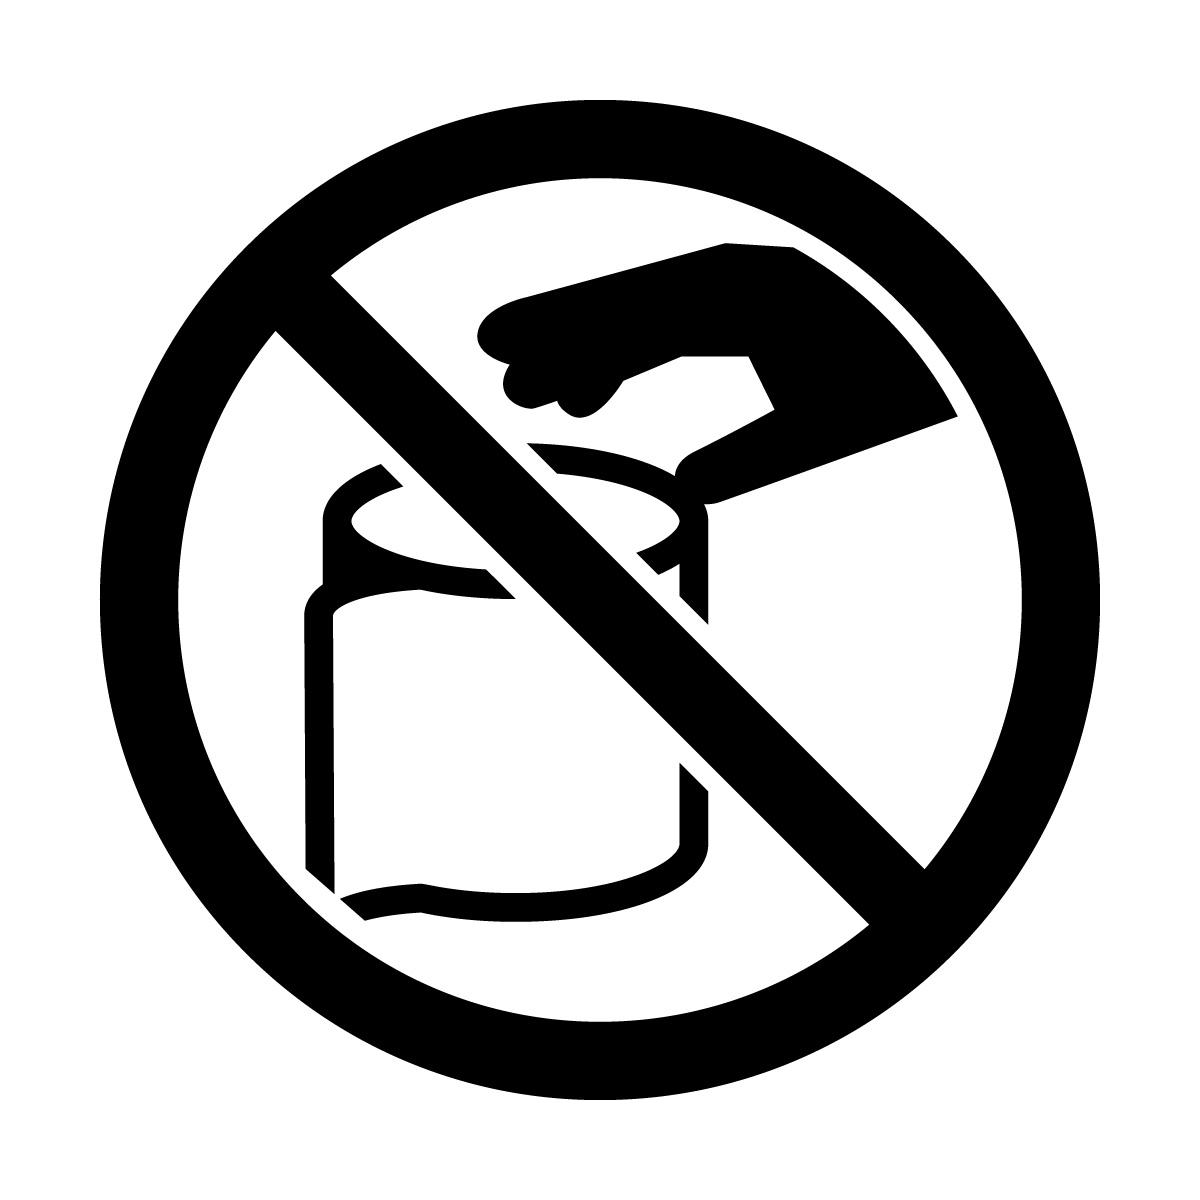 黒色のトイレットペーパーの持ち帰りを注意・禁止するマークのカッティングステッカーシール